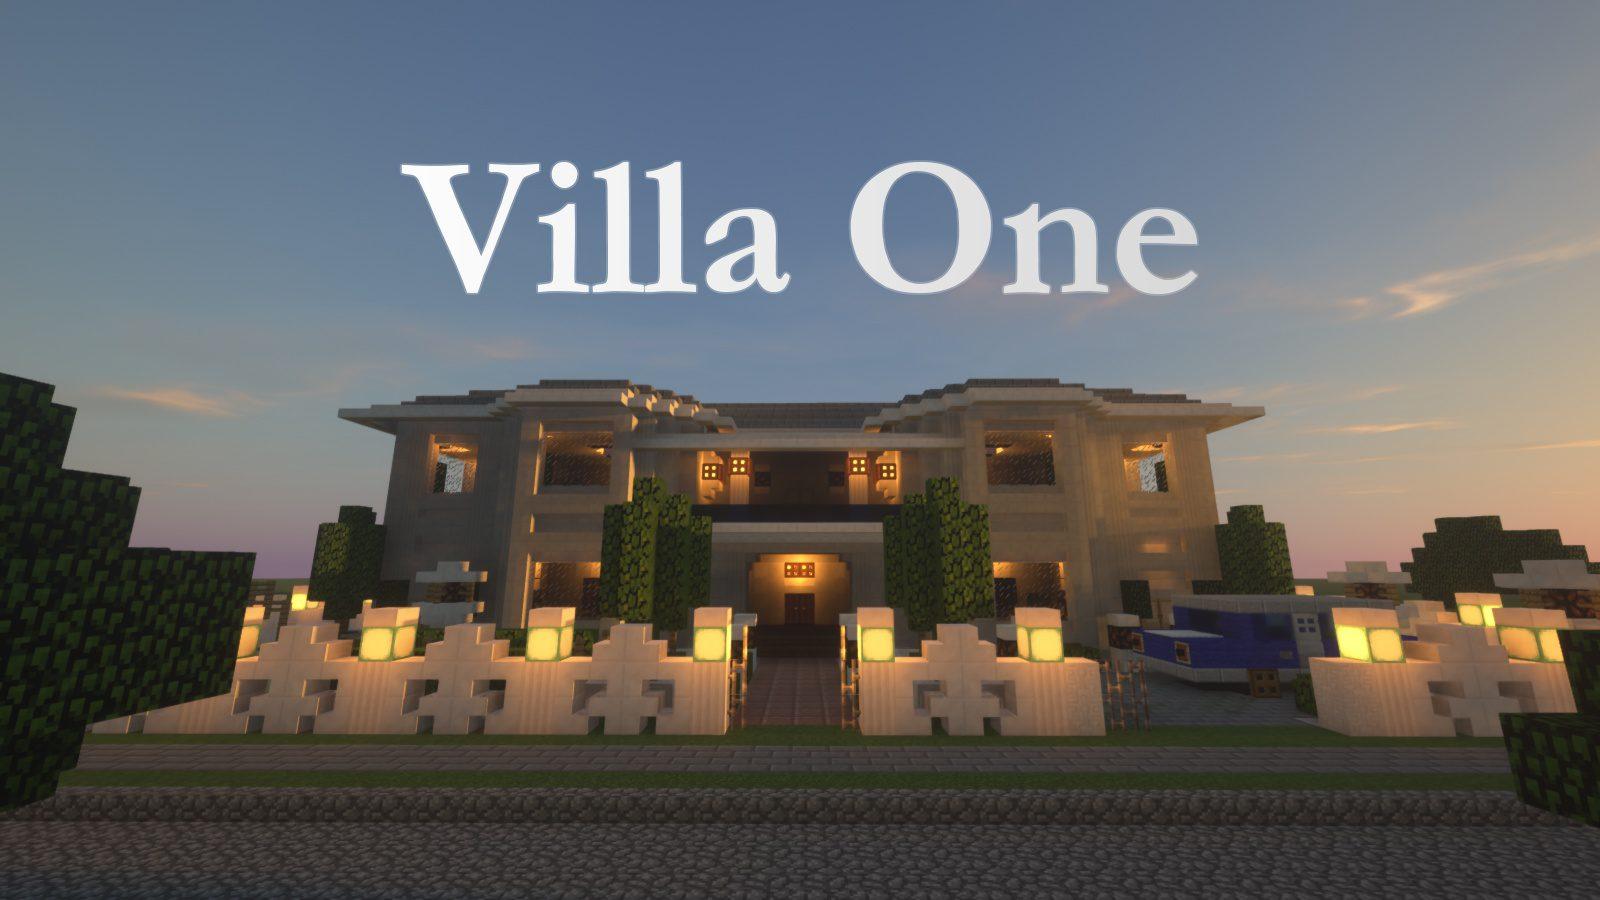 Villa One Map 1111.111111.1111/1111.111111 for Minecraft - 11Minecraft.Net